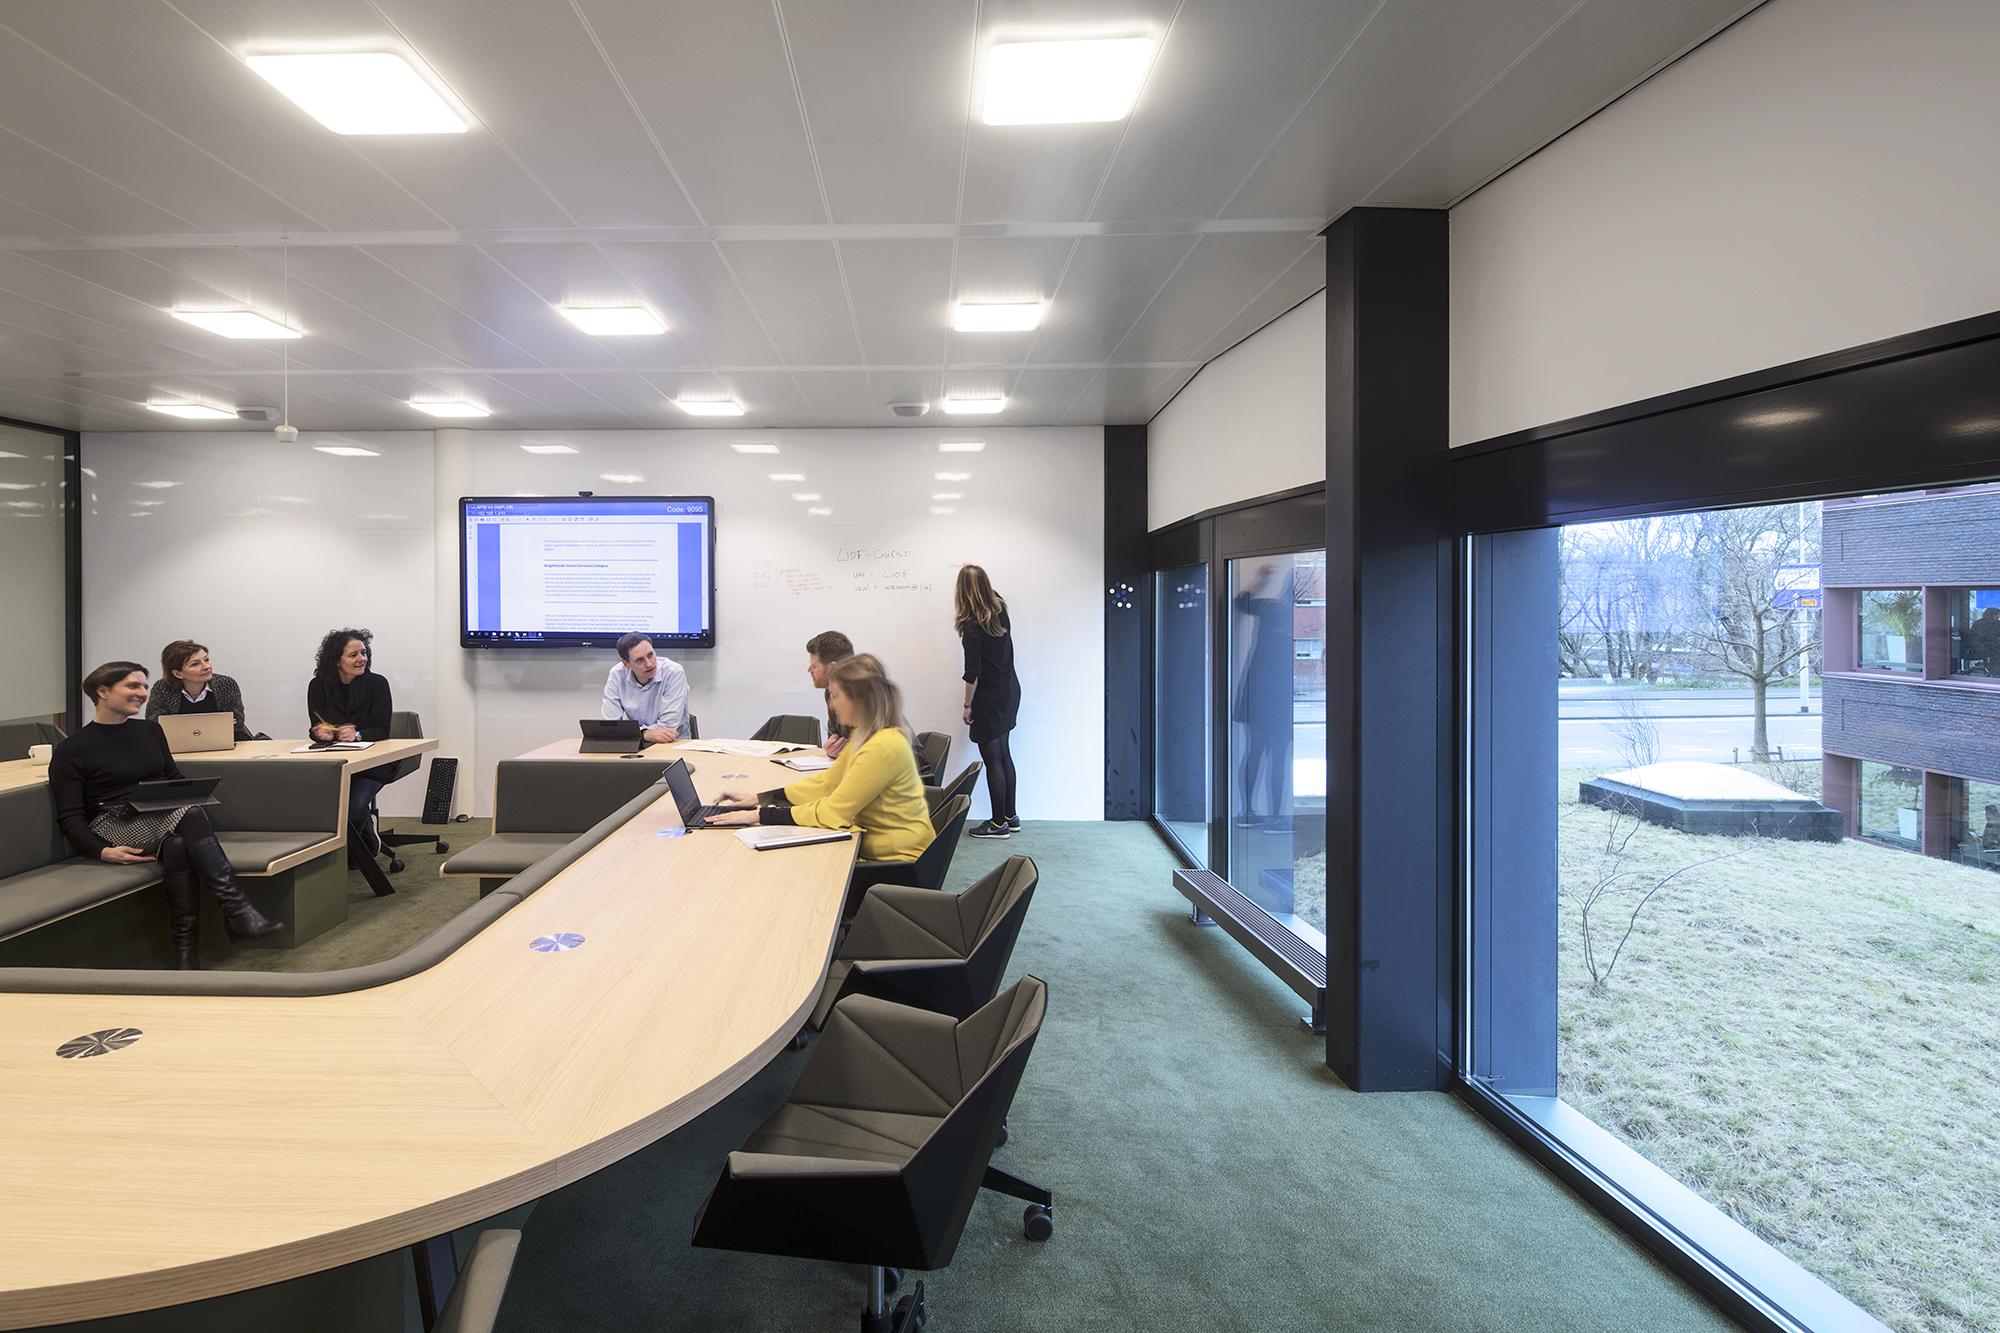 <p>vergaderruimte met agile voorzieningen en relatie met omgeving</p>